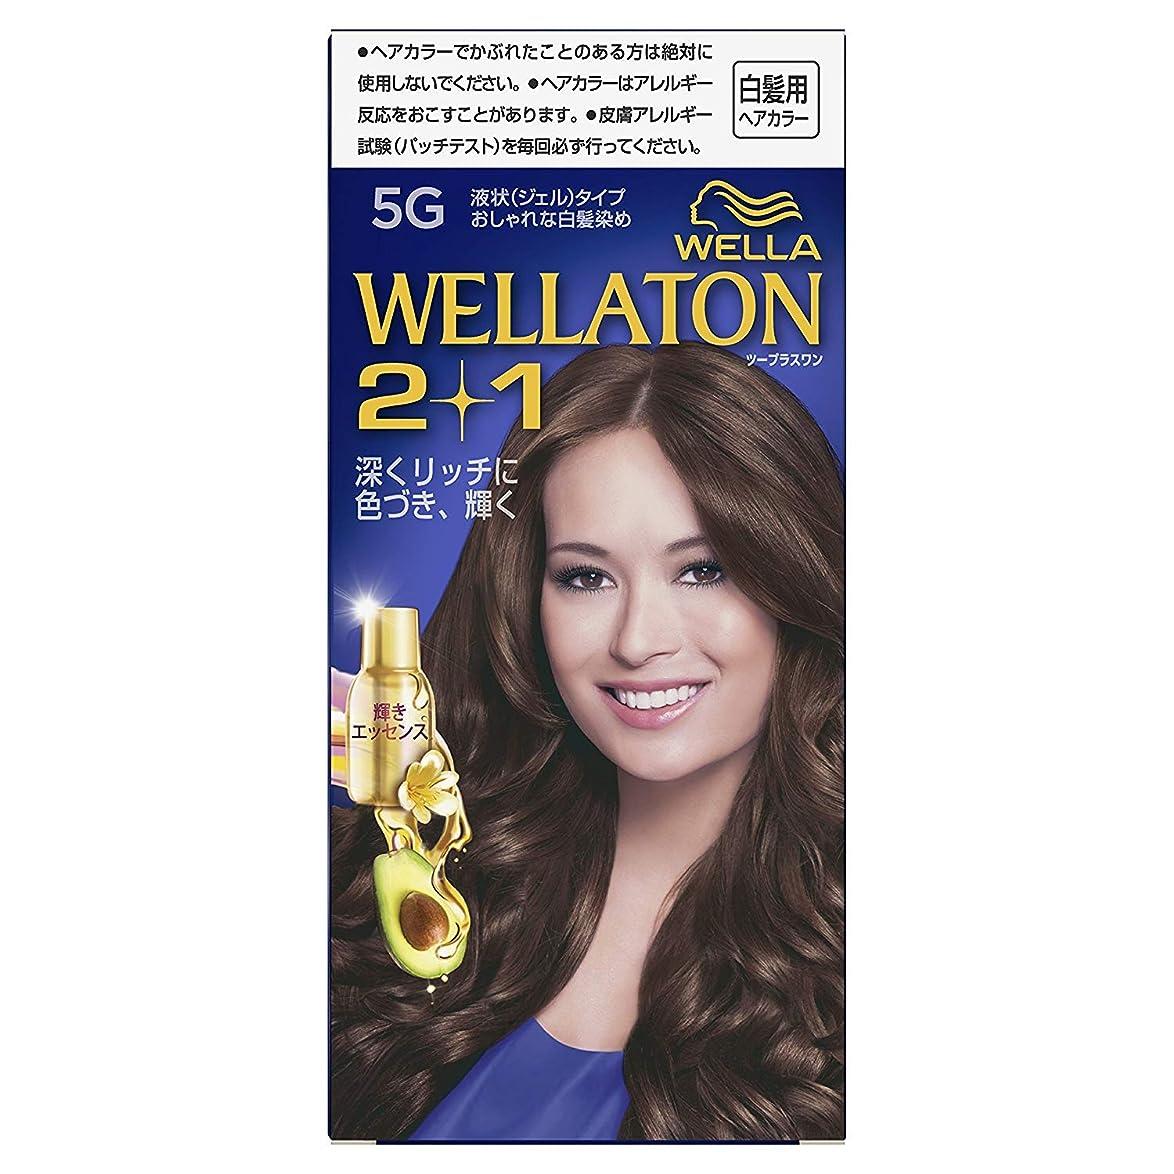 獲物ピッチの頭の上ウエラトーン2+1 液状タイプ 5G [医薬部外品] ×6個